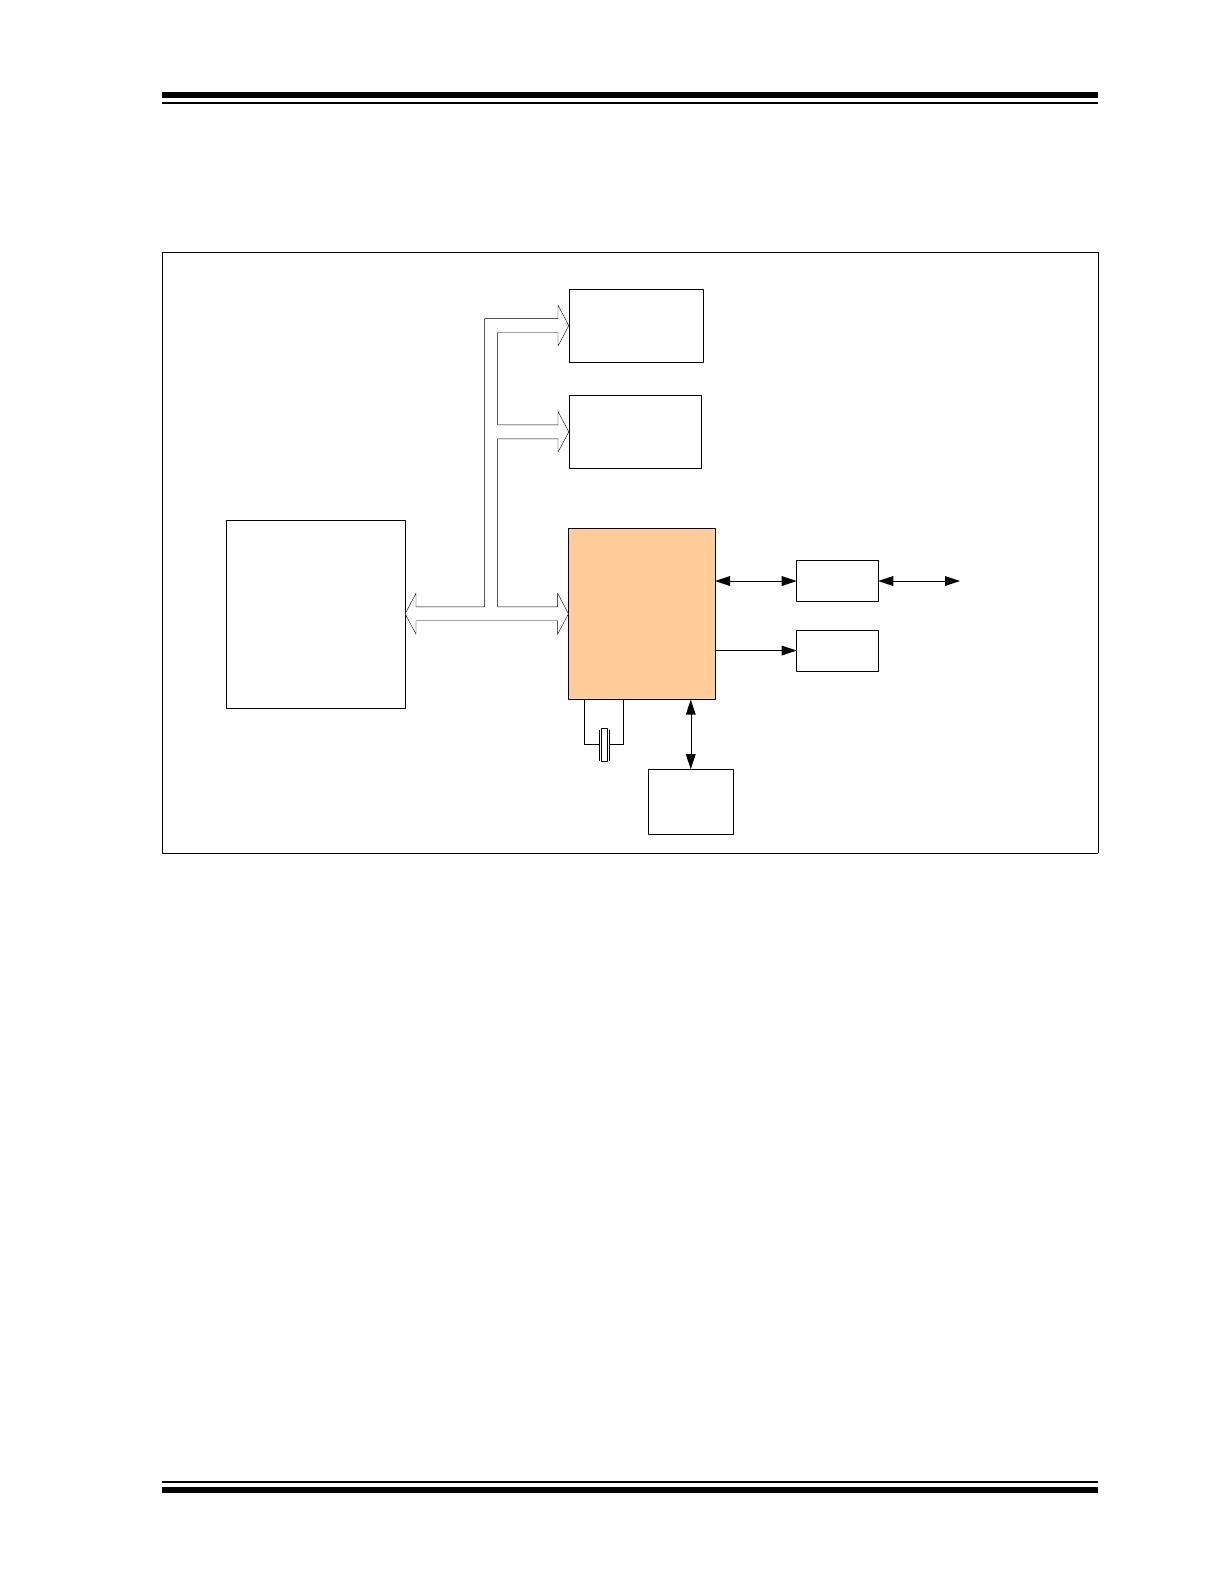 LAN9218 Data Sheet   Datasheet Lookup